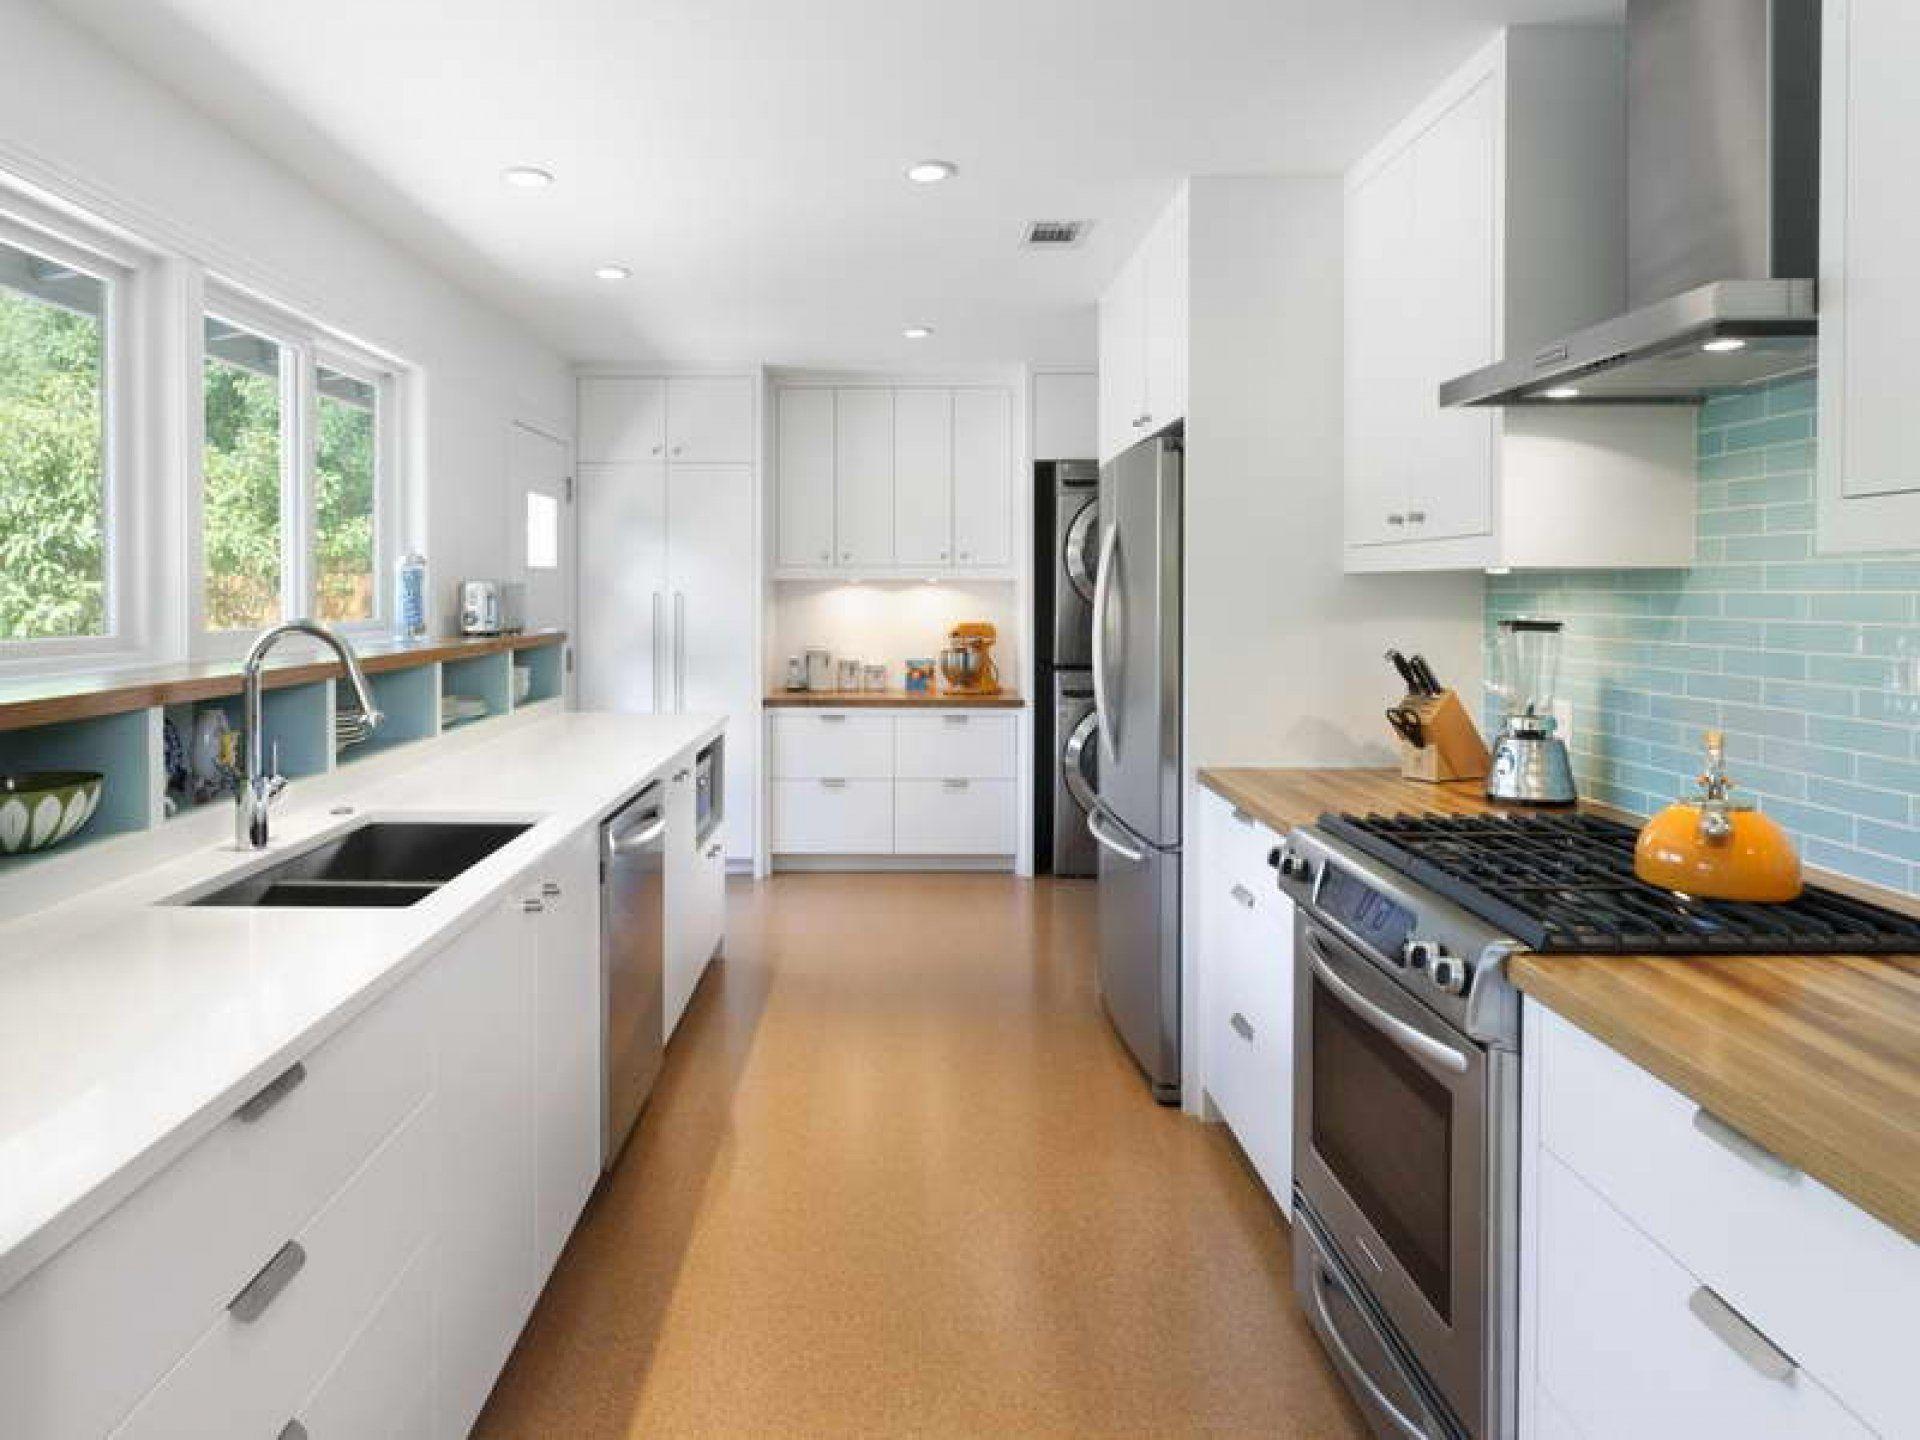 3d galley kitchen design google search kitchen designs on extraordinary kitchen remodel ideas id=64110